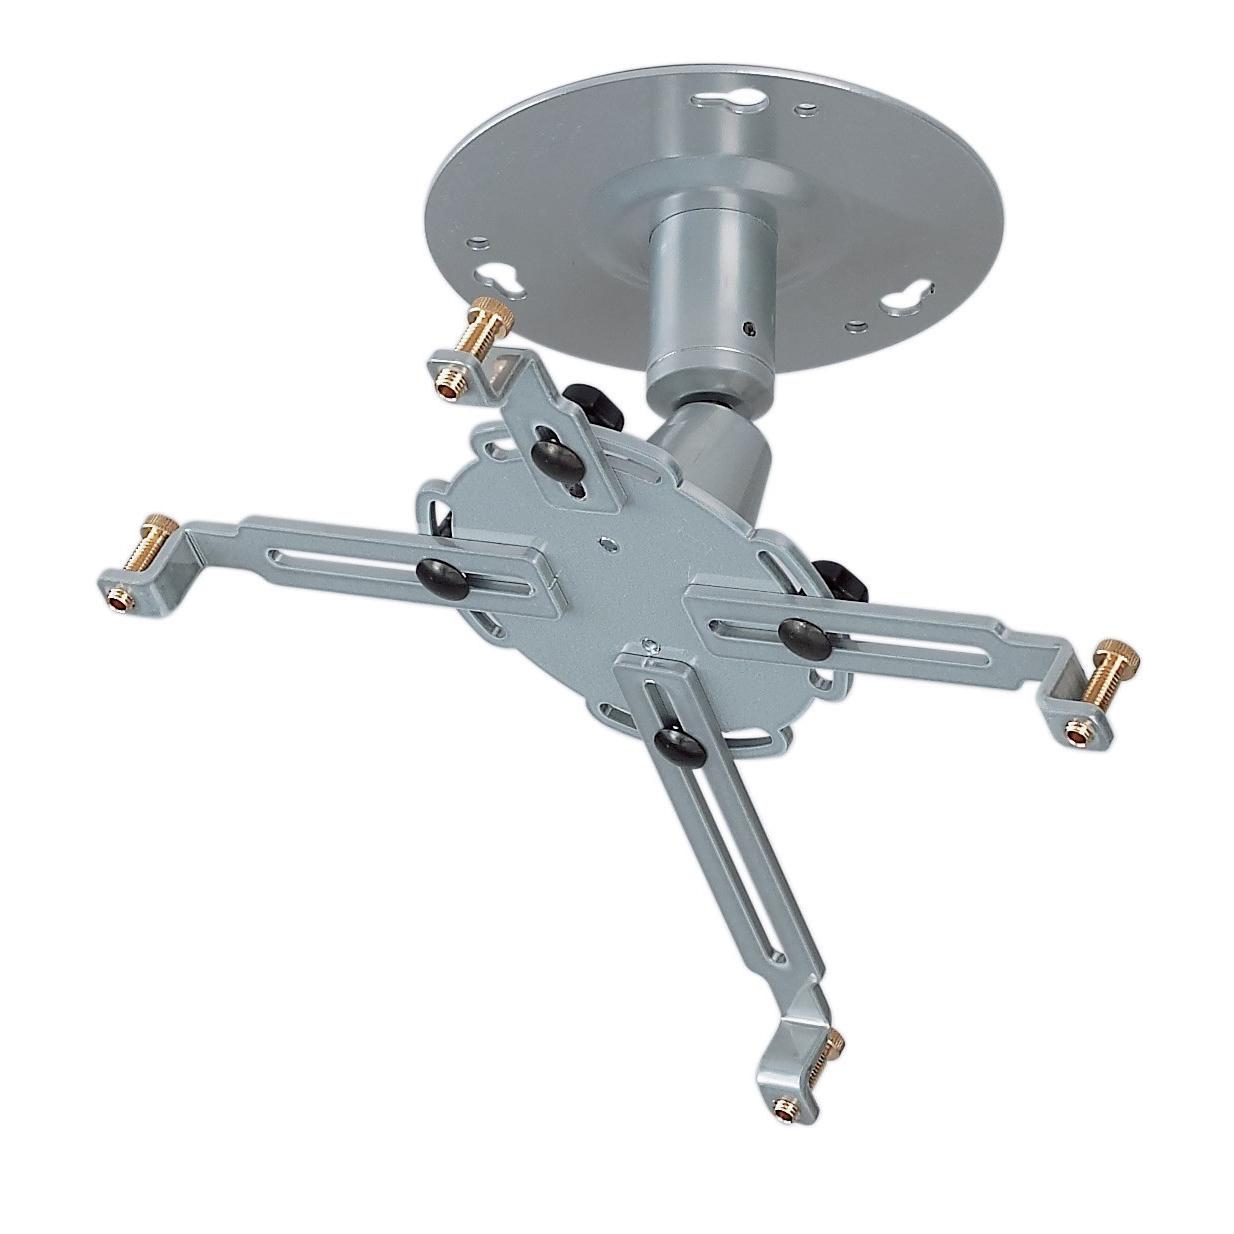 06826 Supporto da soffitto universale braccio 50mm, silver